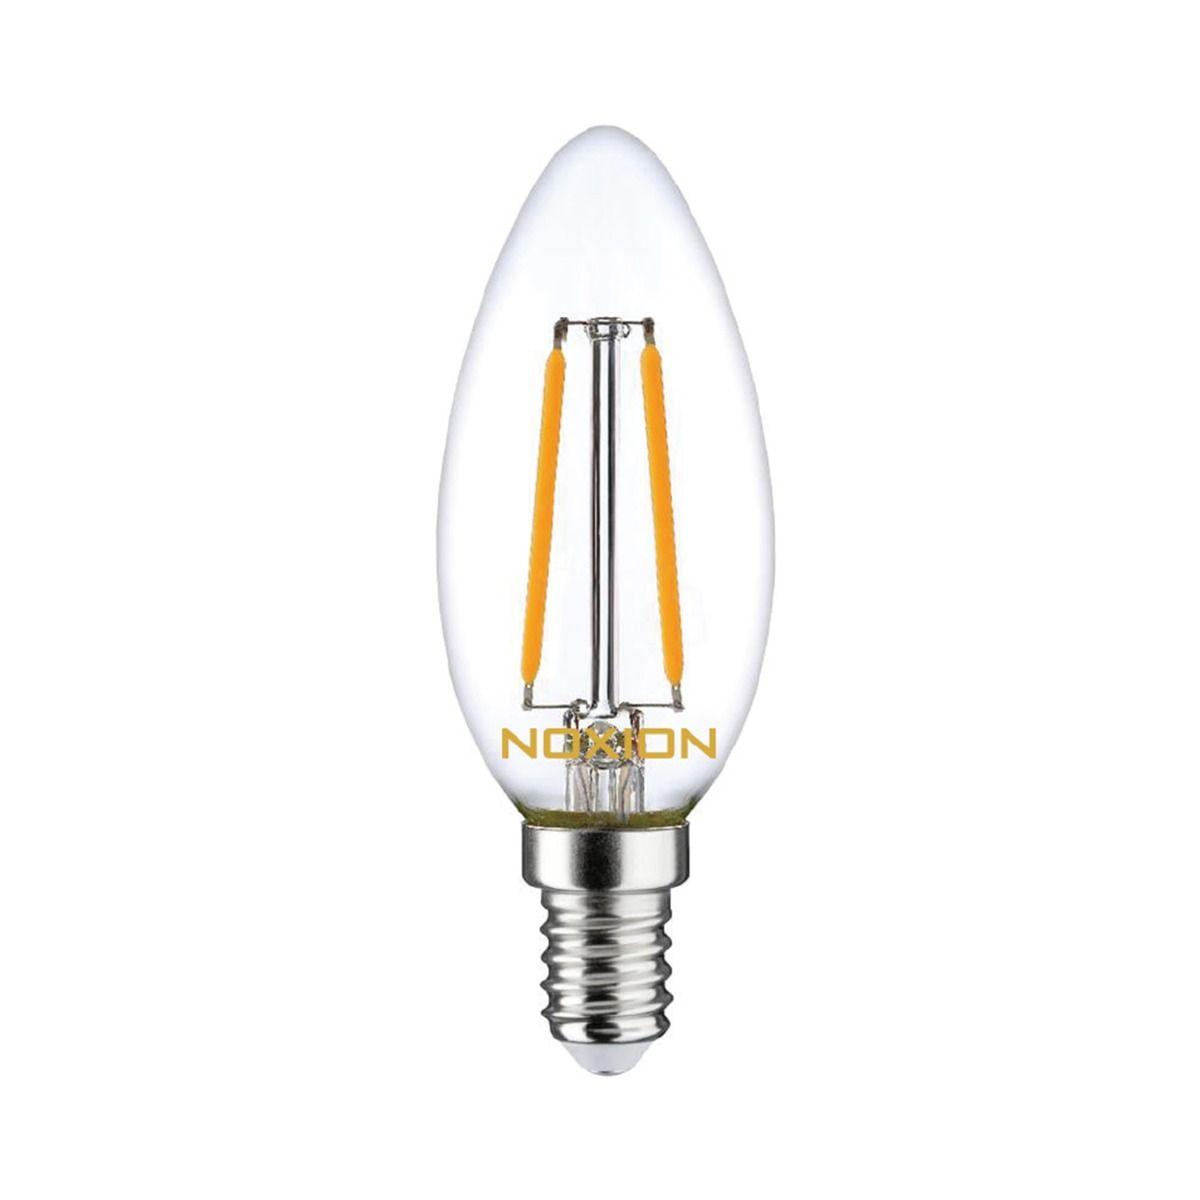 Noxion Lucent Fadenlampe LED Kerze B35 E14 2.5W 250lm 827   Dimmbar - Ersatz für 25W